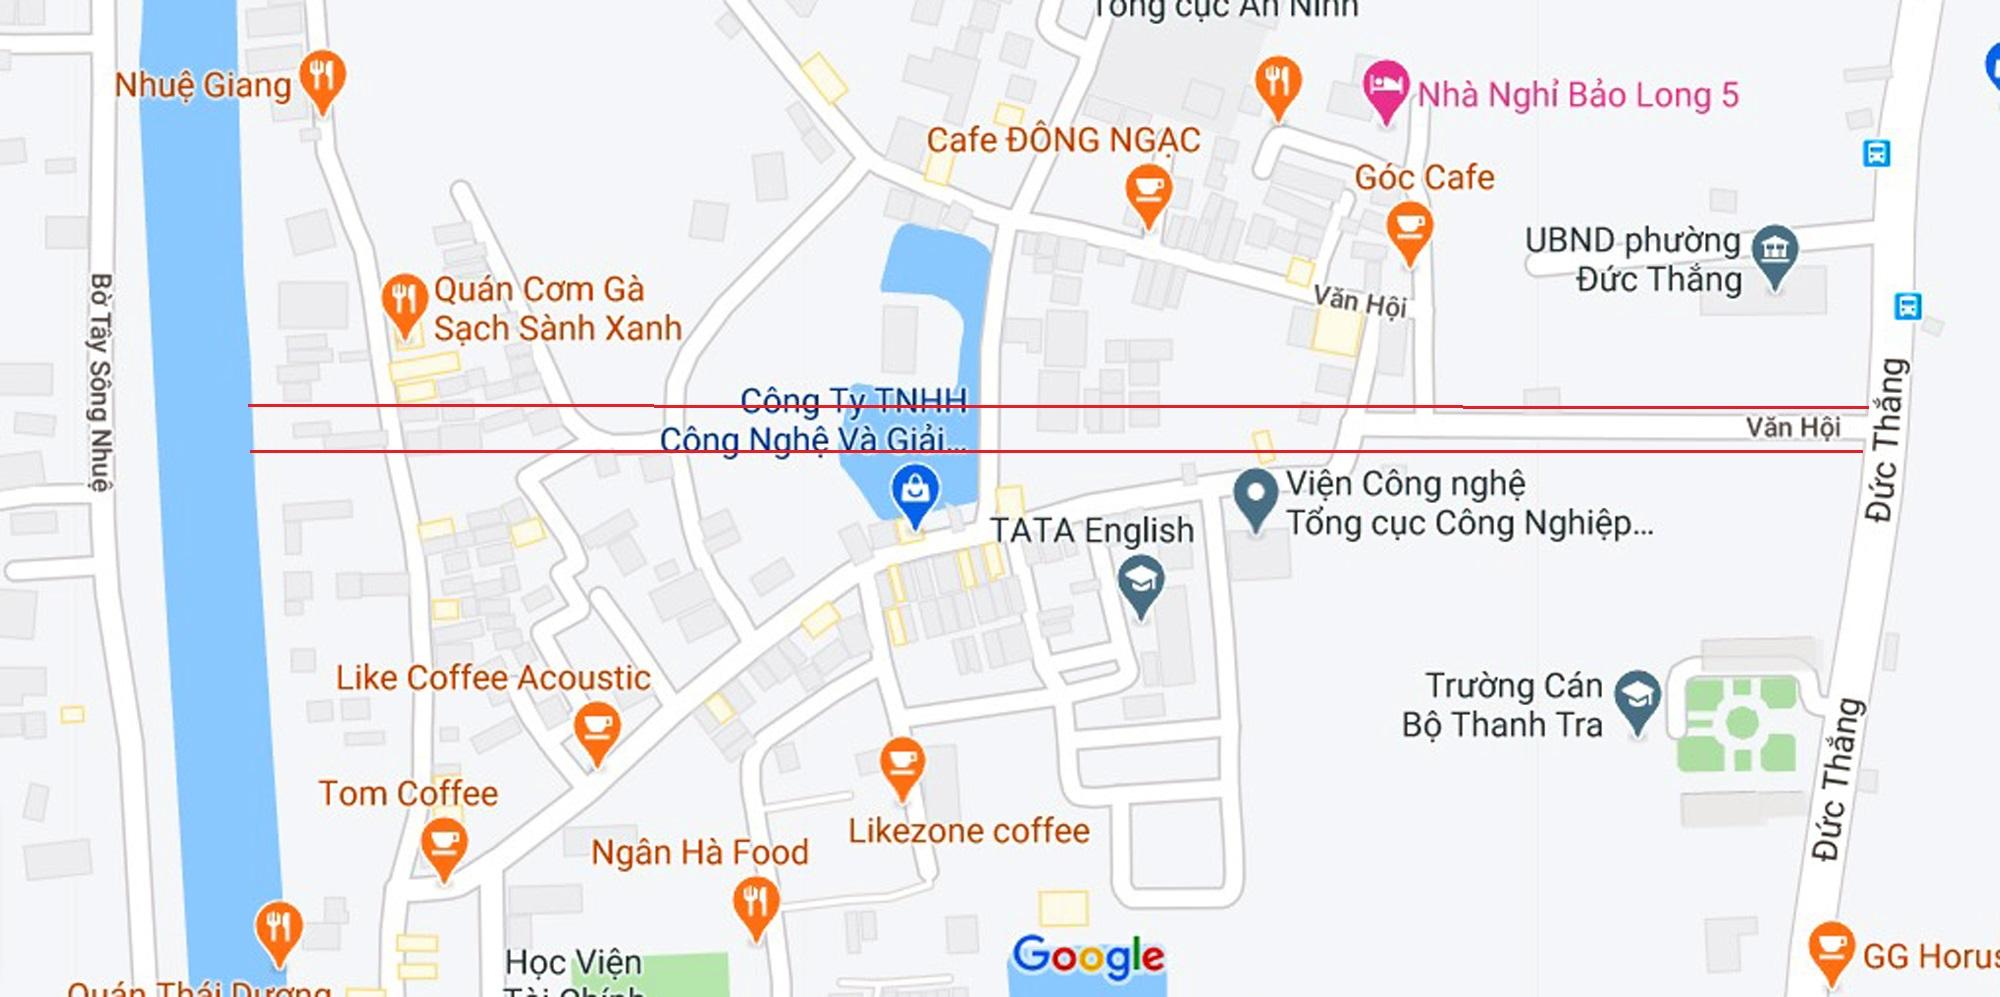 đường sẽ mở theo qui hoạch ở phường Đức Thắng, Bắc Từ Liêm, Hà Nội - Ảnh 2.